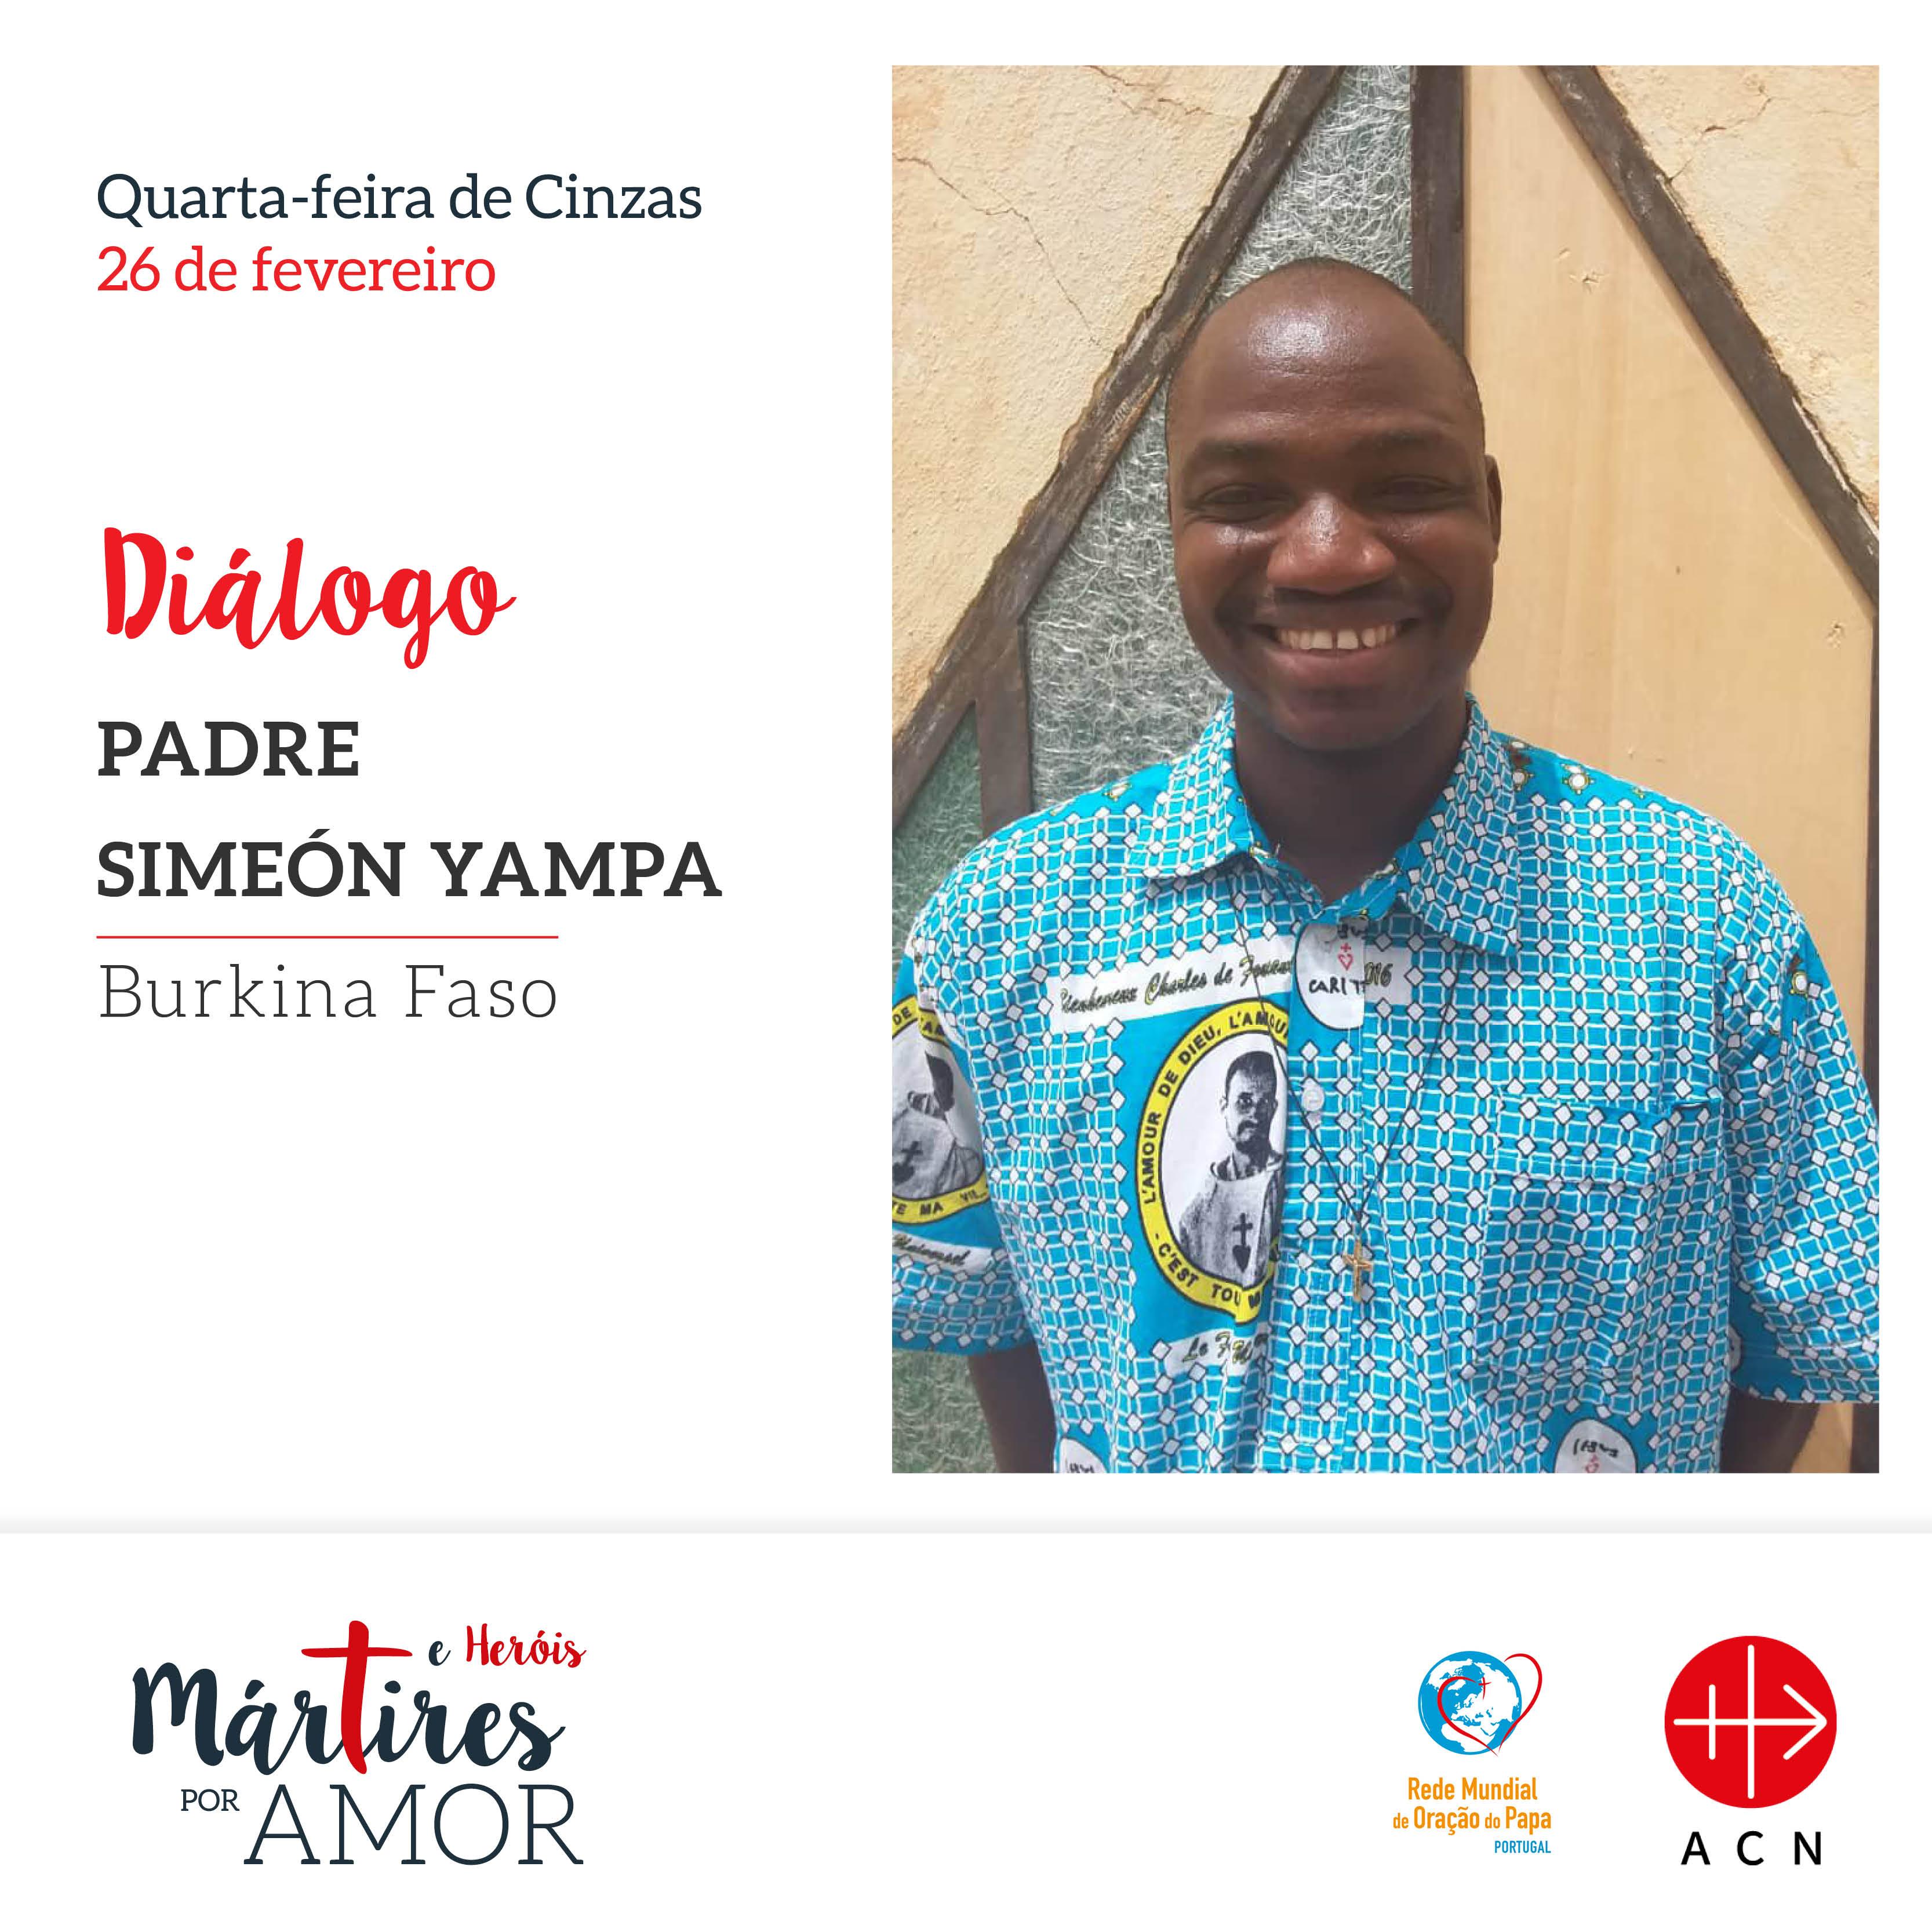 Diálogo Padre Simeón Yampa, Burkina Faso